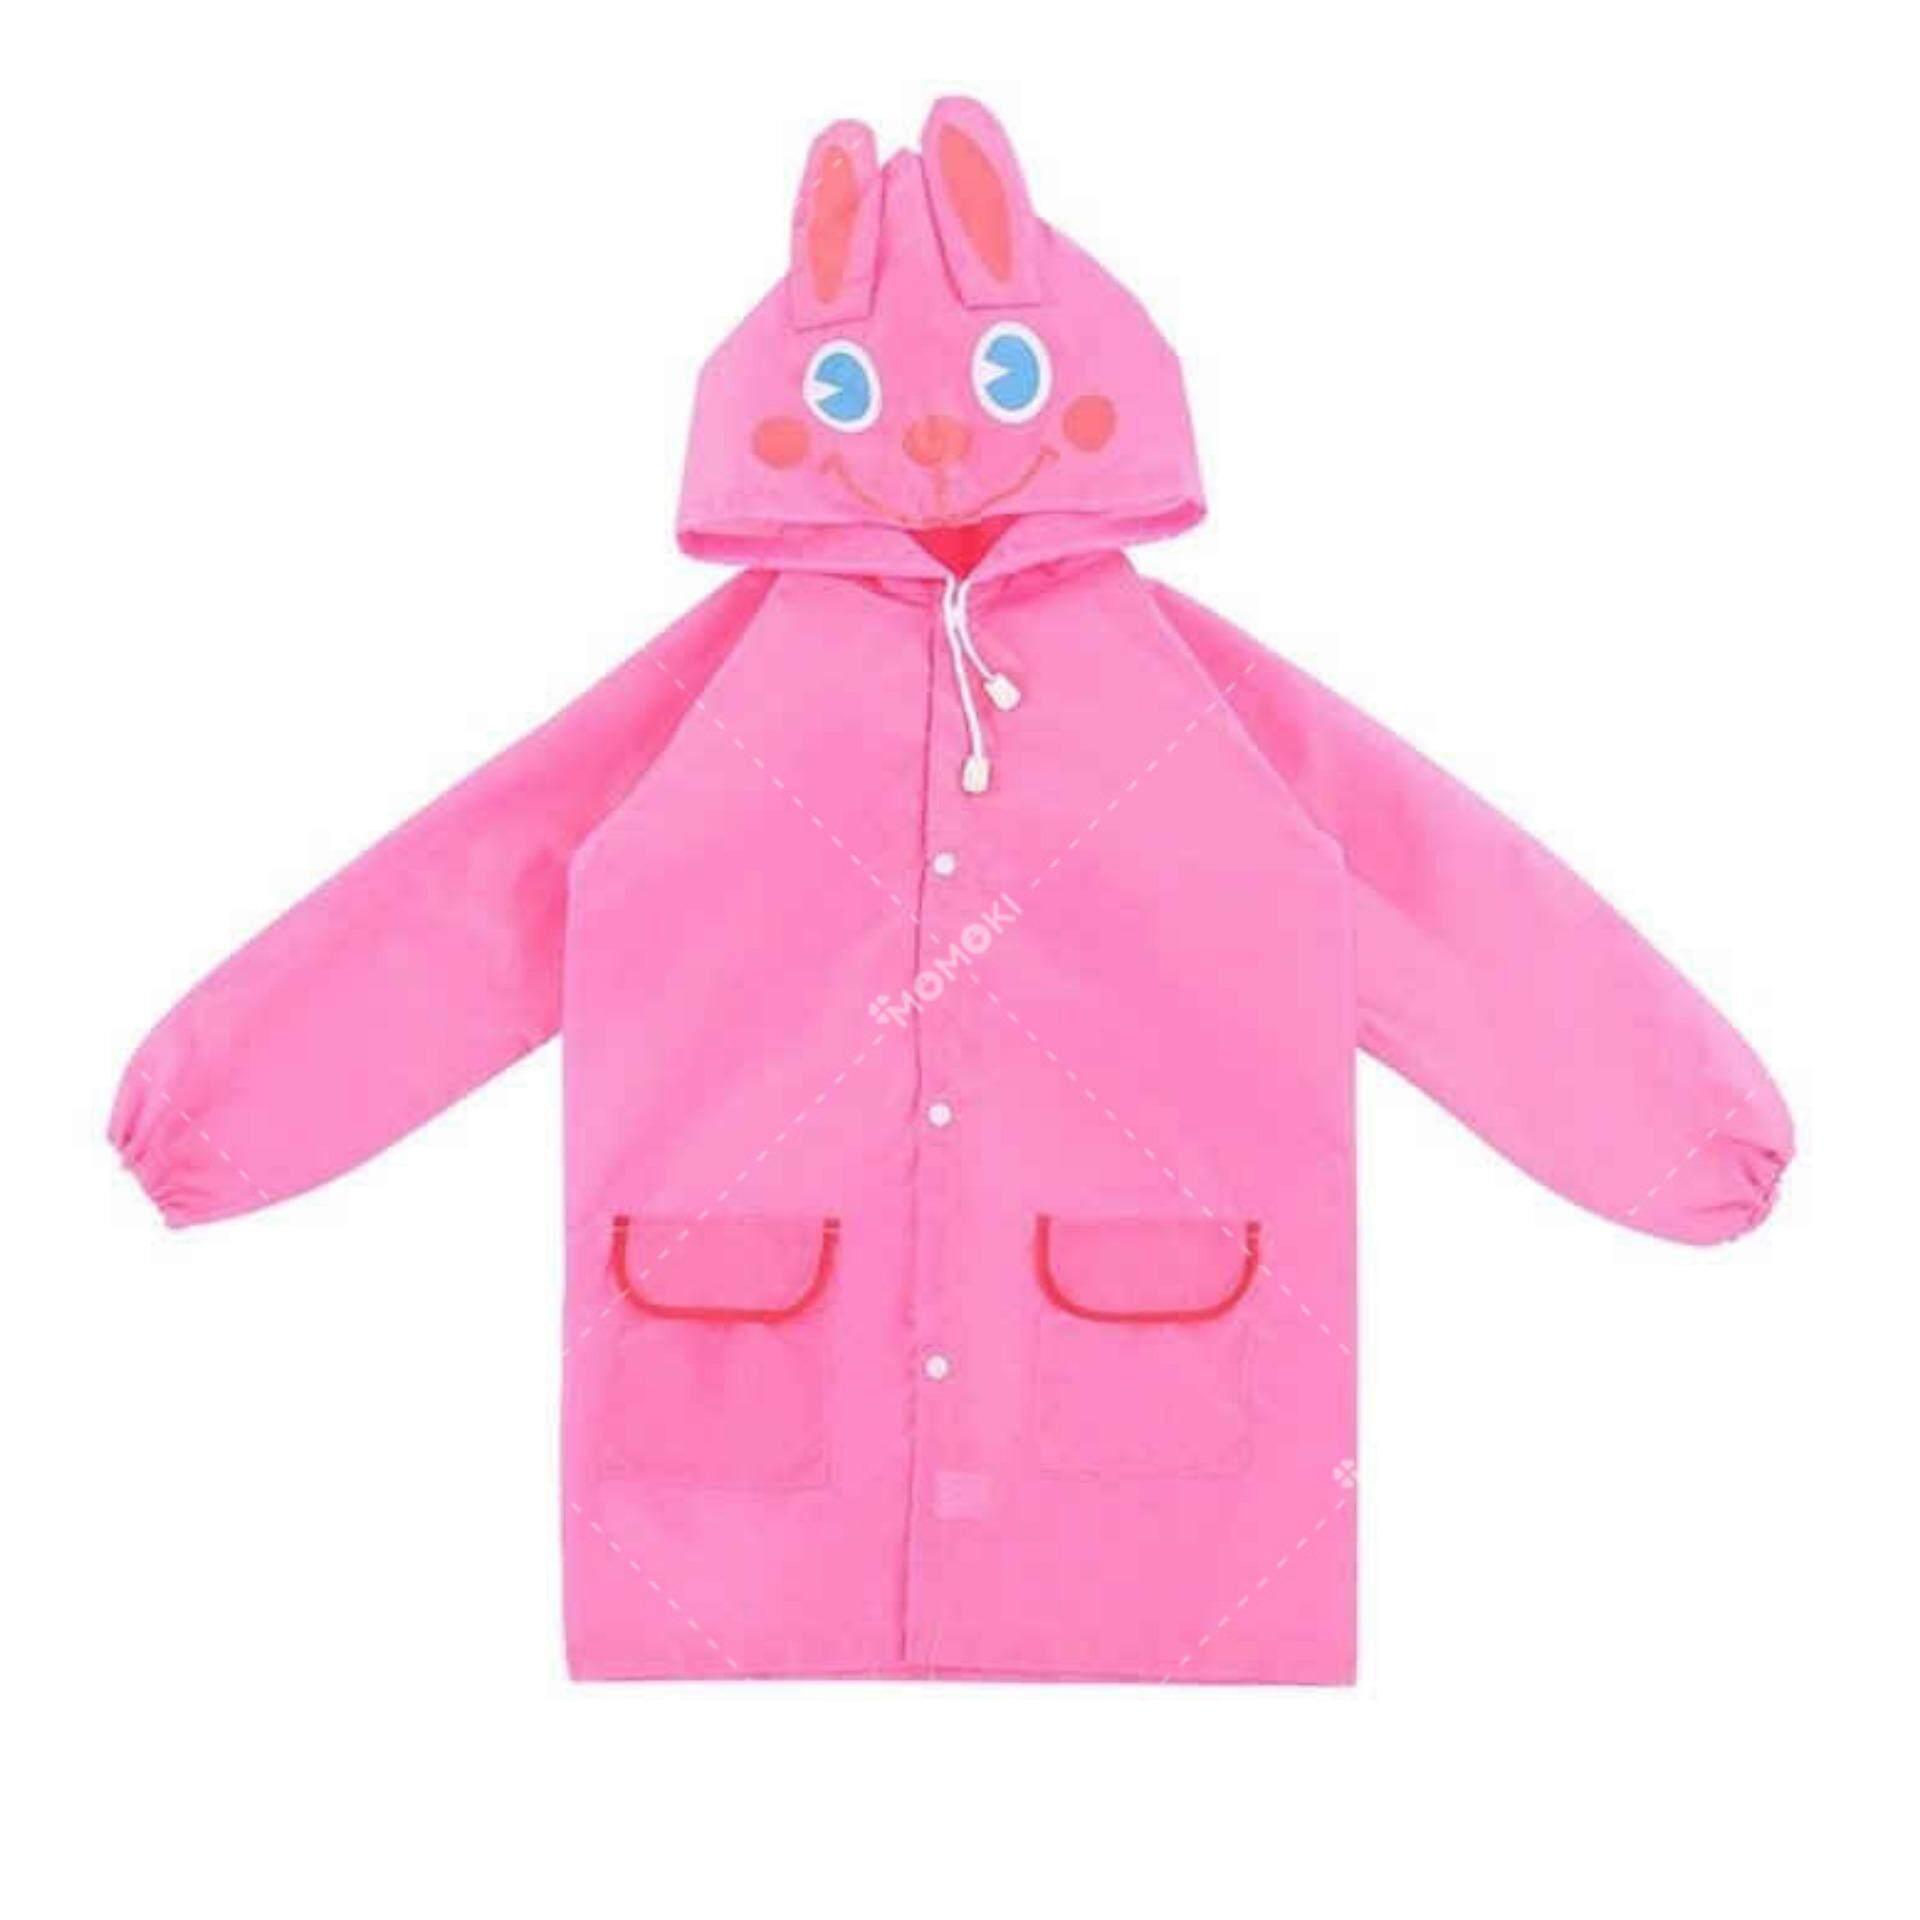 ขาย Kido เสื้อกันฝนเด็ก ลายกระต่าย Kid Cute Fashion Waterproof Rain Coat ชุดกันฝนลายการ์ตูน สุดน่ารัก รุ่น Kdk 0001 สีชมพู Pink ถูก ใน กรุงเทพมหานคร